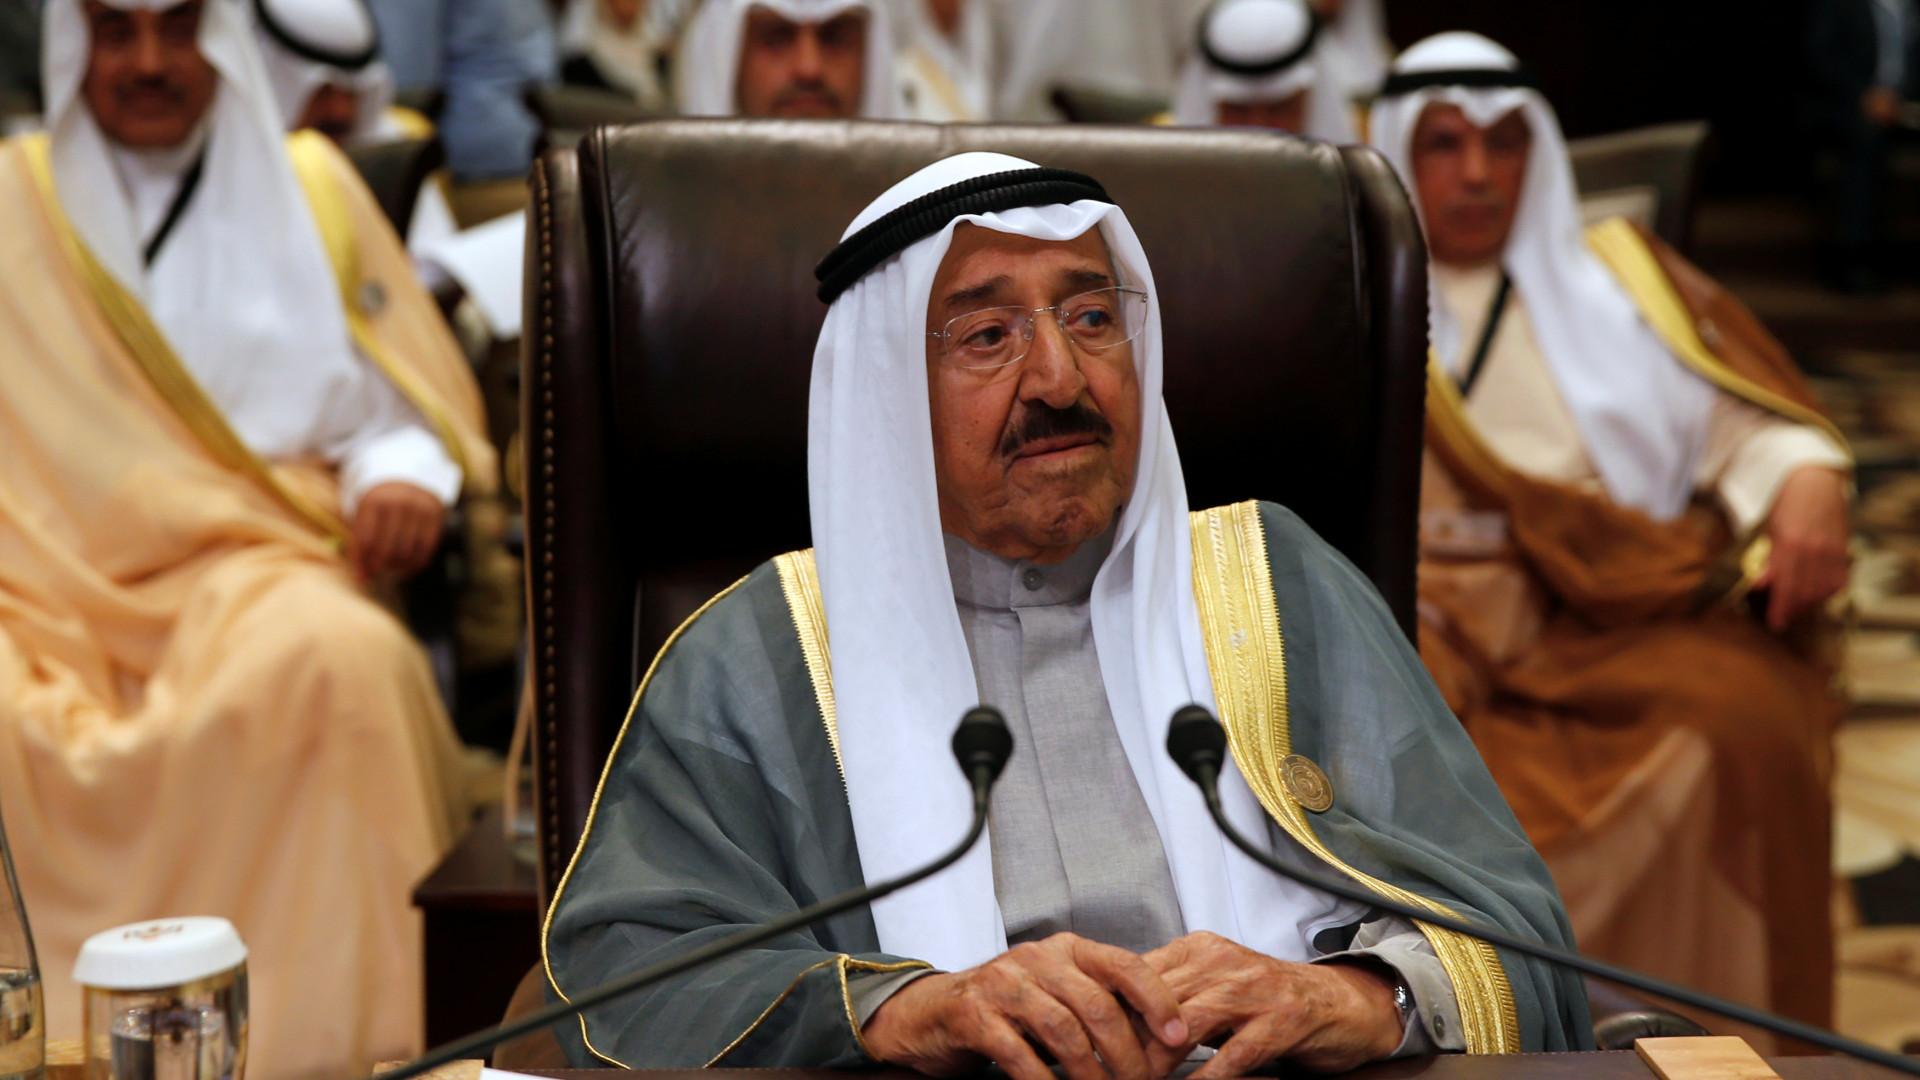 Iraque precisa de US$ 88,2 bilhões para reconstrução (ministro)